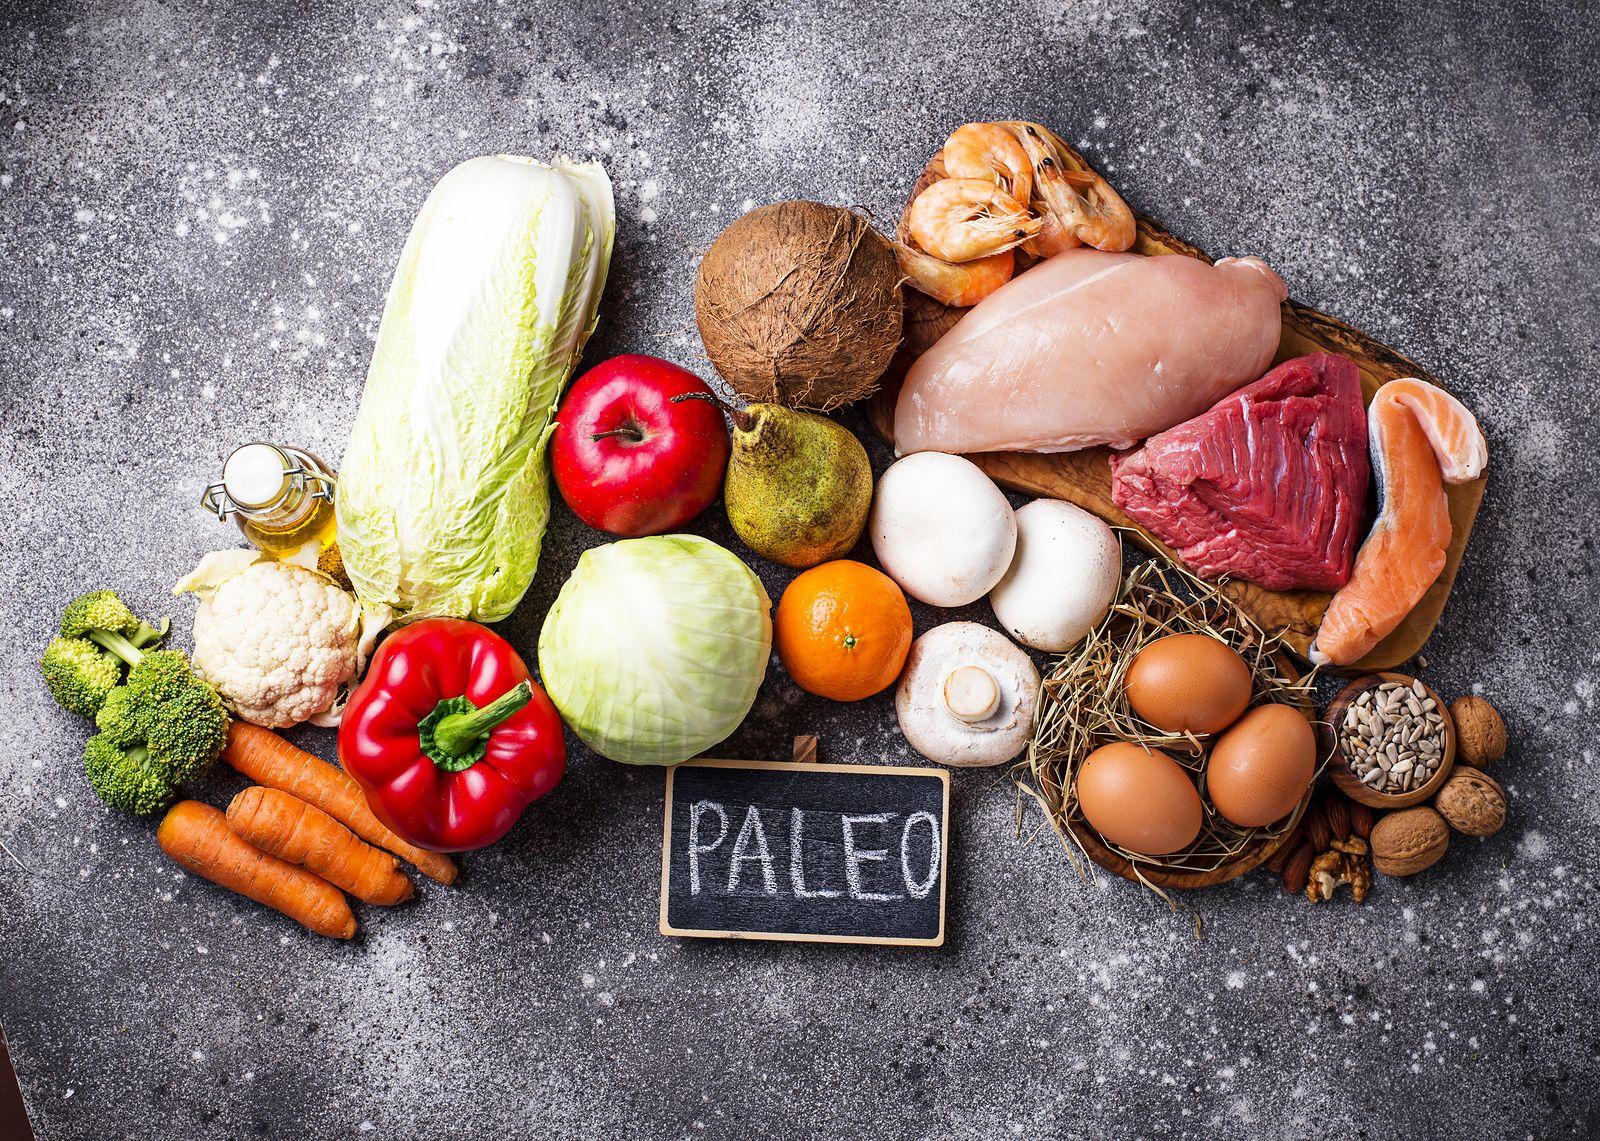 ¿Por qué la dieta paleo puede resultar tóxica para el ser humano?